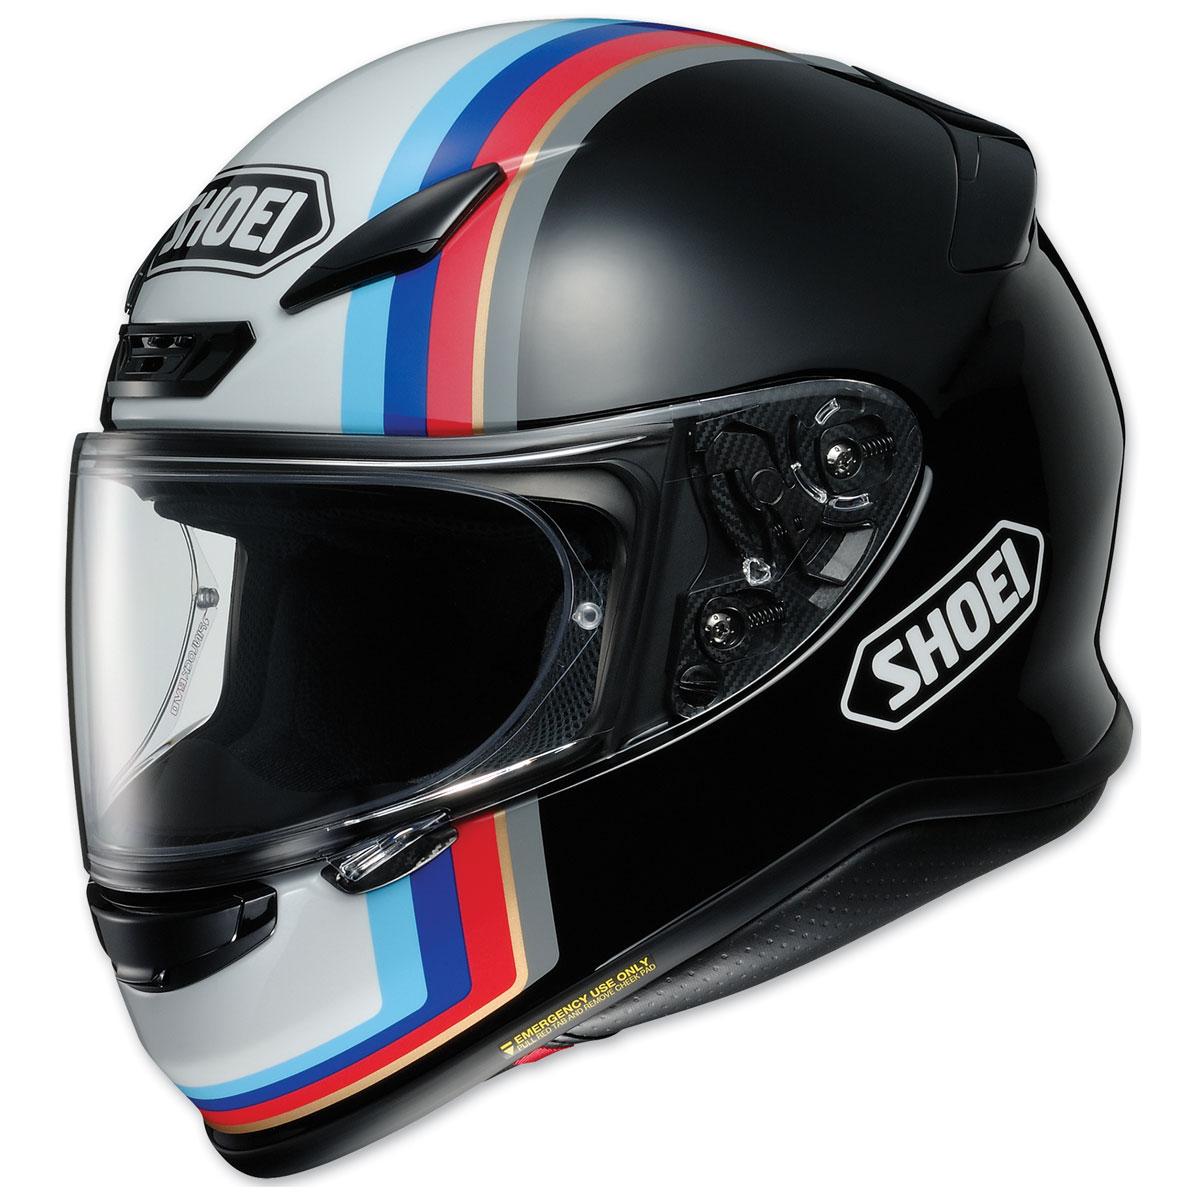 Shoei RF-1200 Recounter Matte Black/Red/White/Blue Full Face Helmet